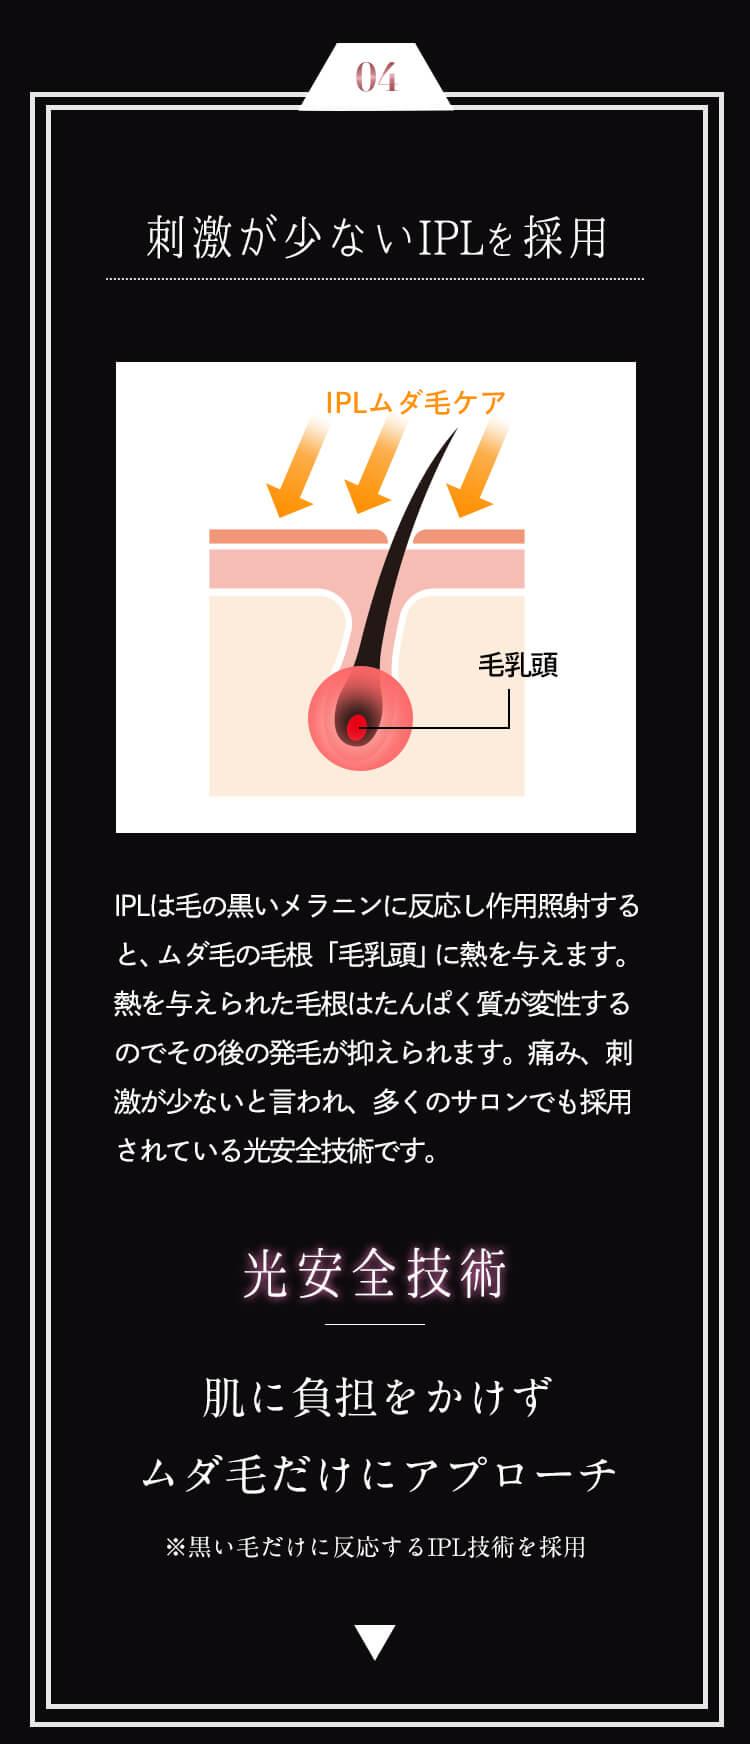 4.光安全技術のIPL